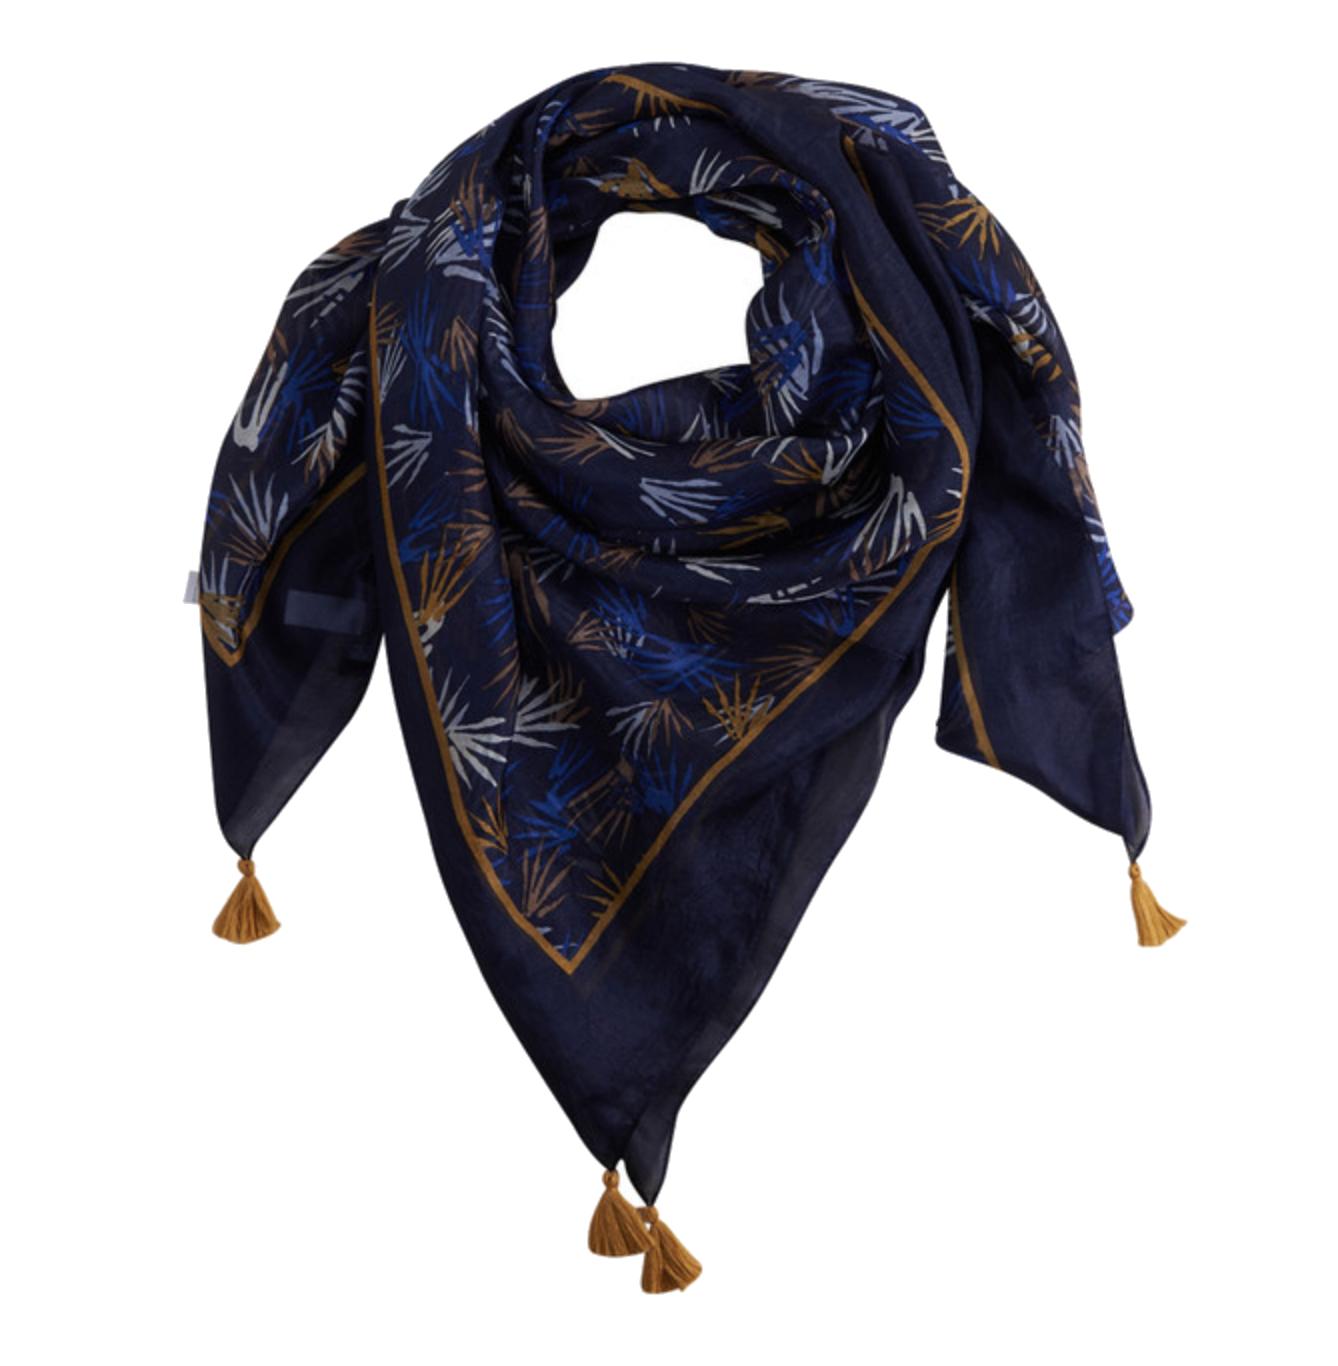 Foulard SOLIE H17 De forme carrée, print motifs fantaisie all over et finitions ornées de pompons. Prix : 24,99 € Dimensions : 100 x 100 cm Matière: 100 soie